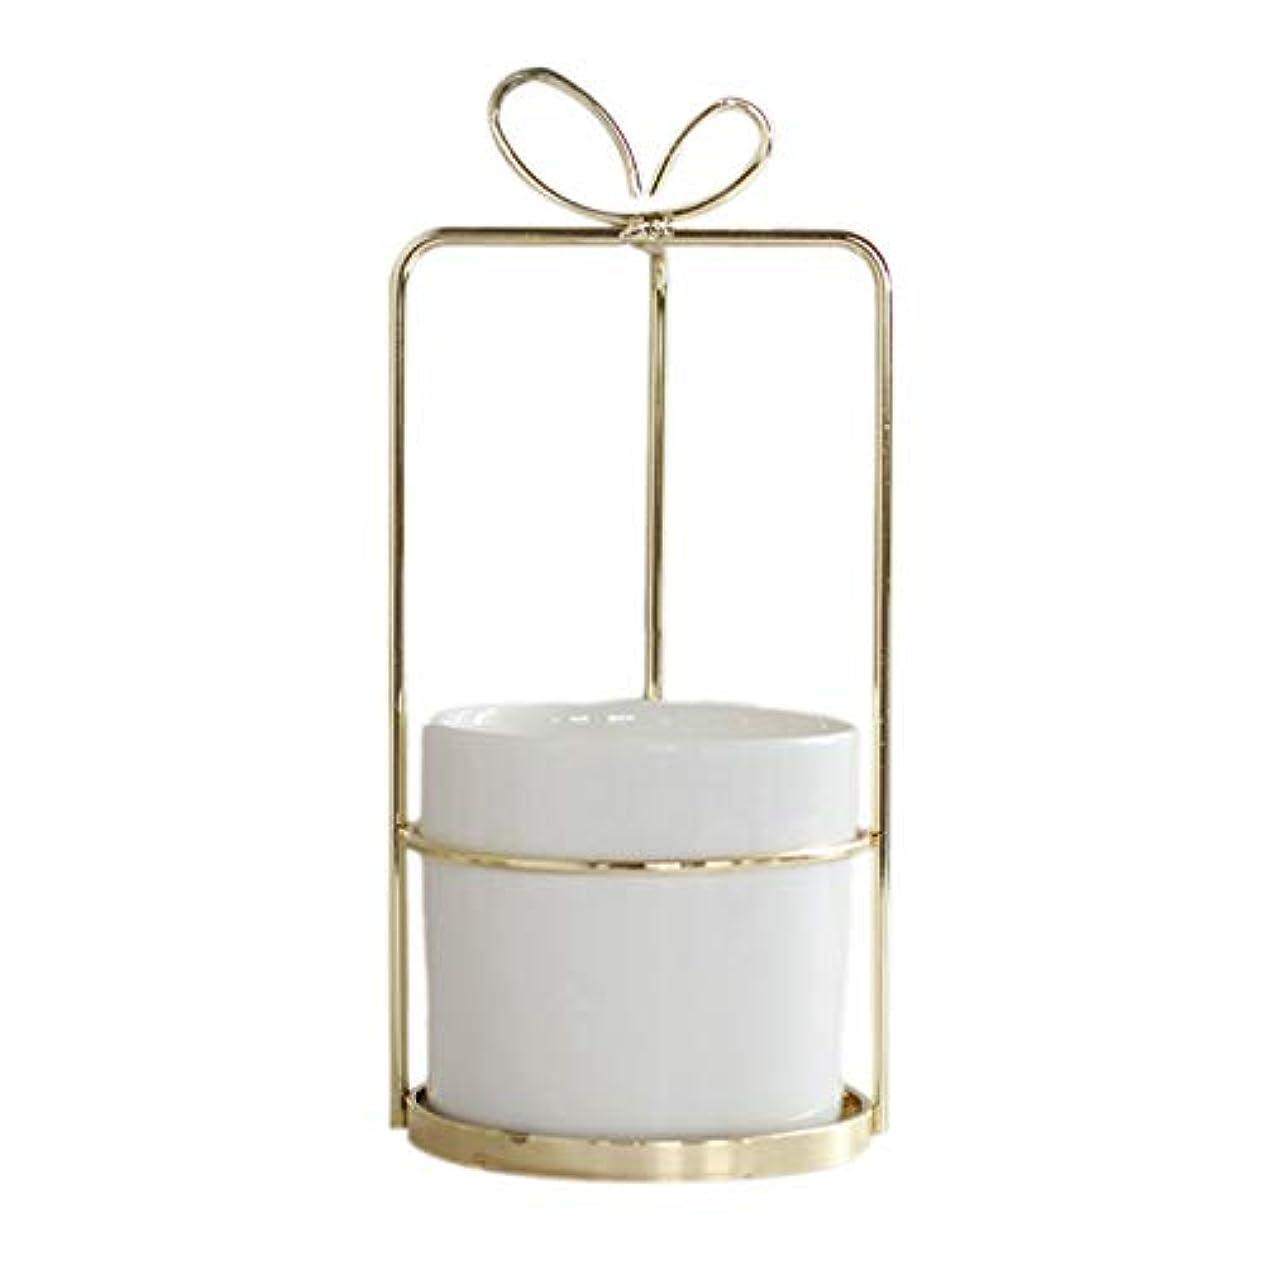 北方政府クルーズXigeapg 現代の非多孔質セラミック花瓶 ゴールドフレーム付き ホワイト磁器 家の装飾 植物植栽植木鉢 ホワイト+ゴールドセラミック+メタル スクエアフレーム